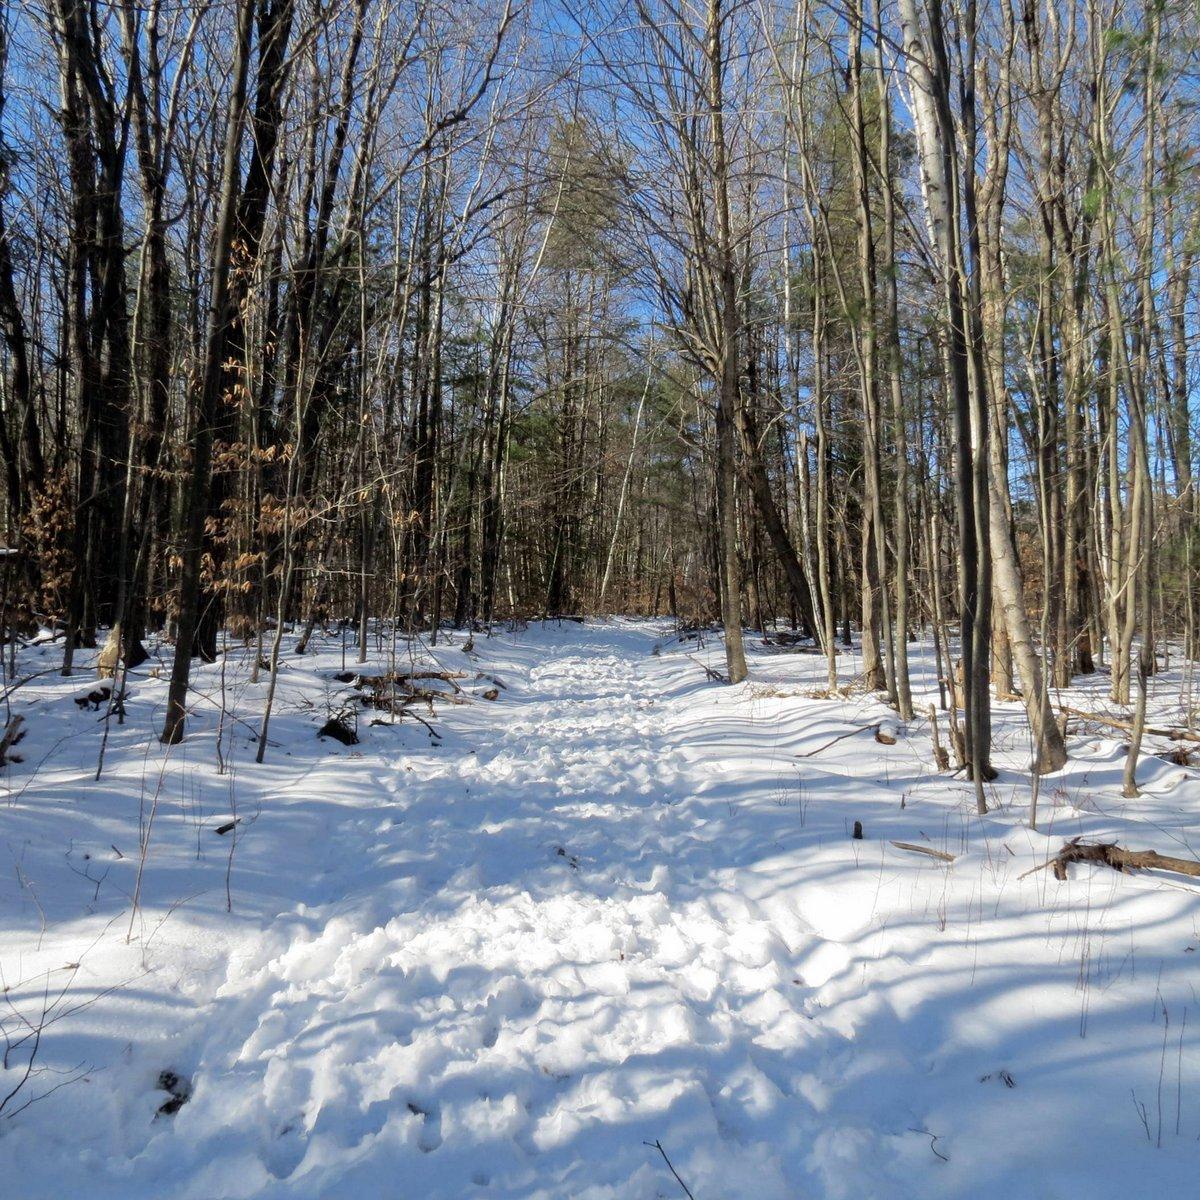 2. High Blue Trail